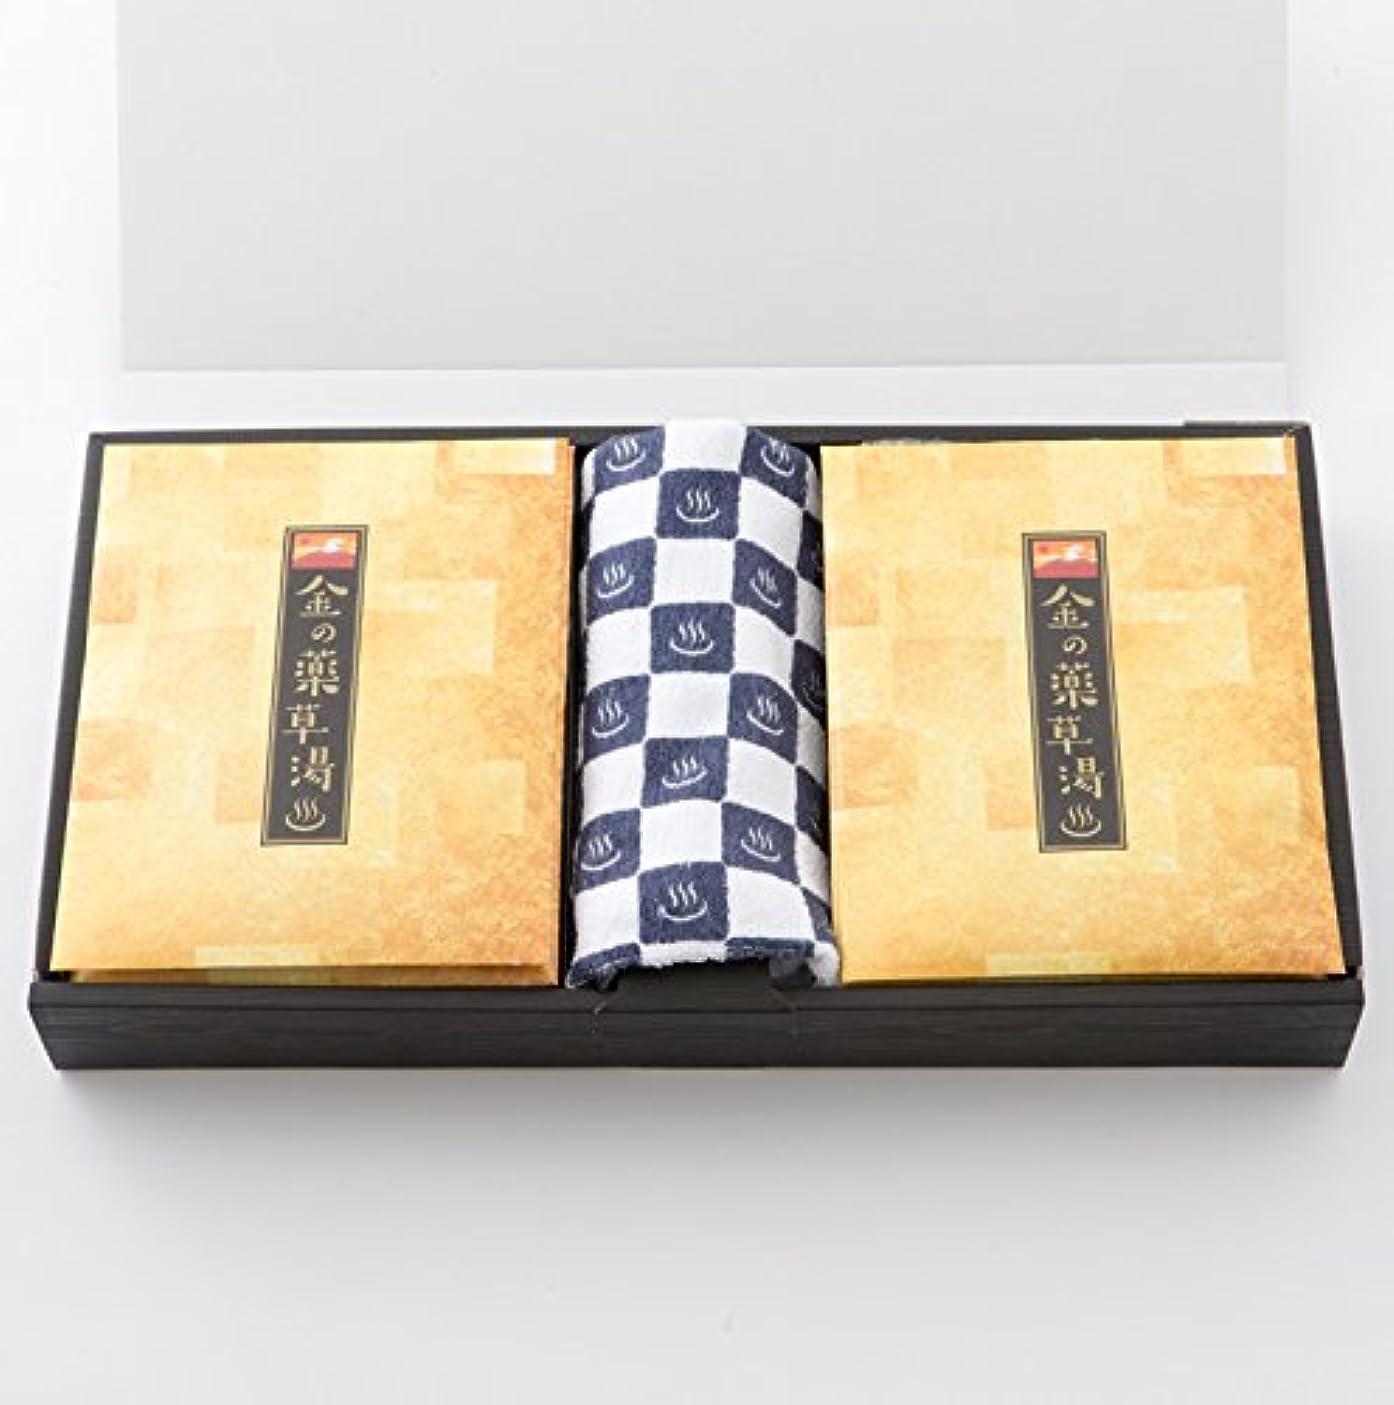 ベックス避難疑い者金の薬草湯と湯めぐりタオルギフト (金の薬草湯10包+湯めぐりタオル1本)